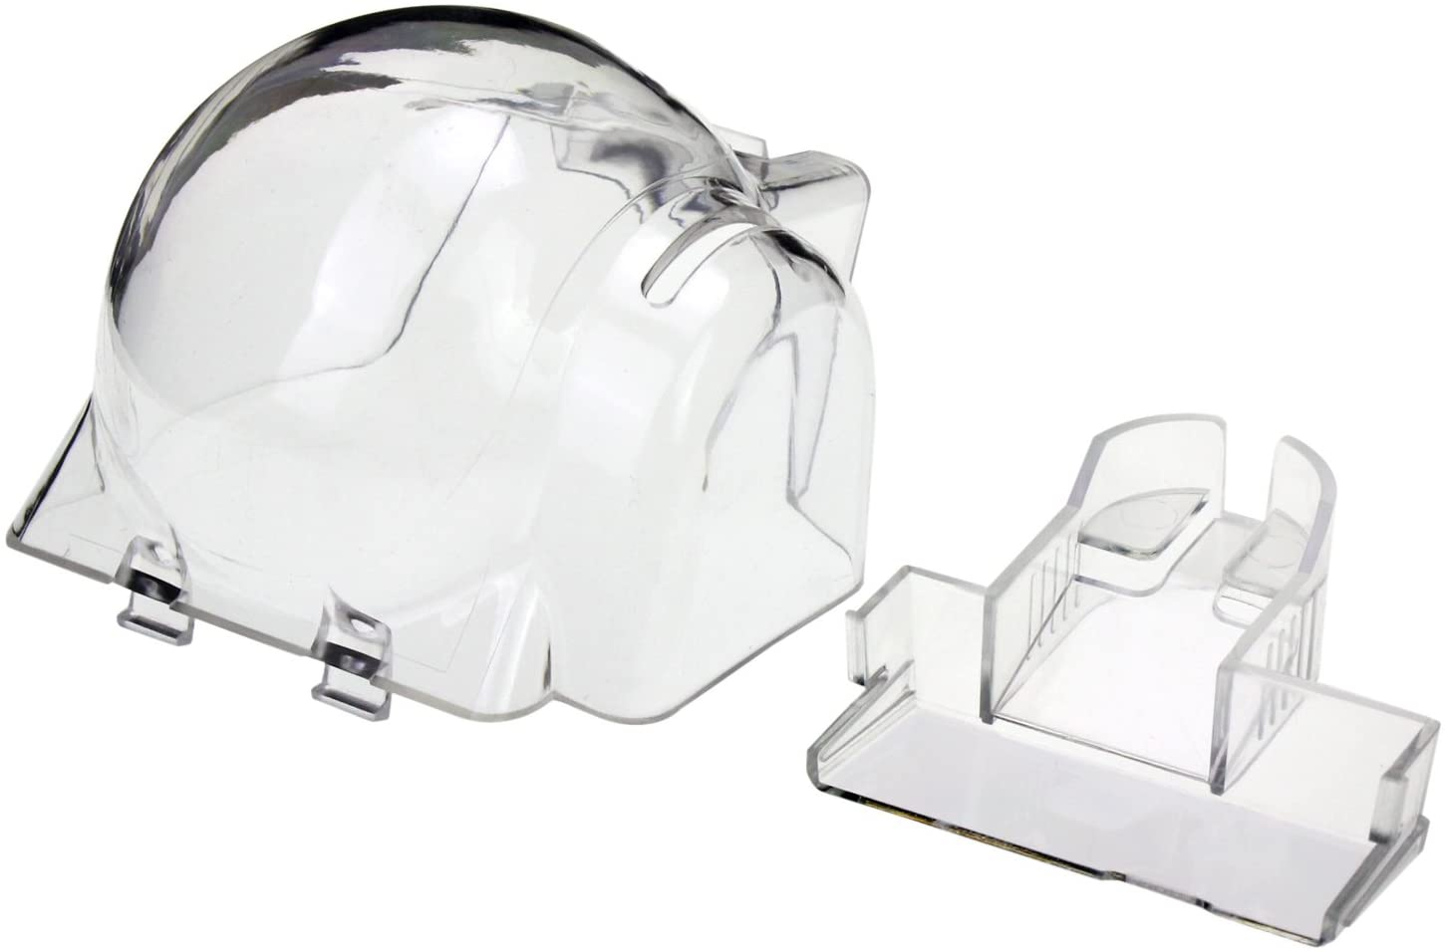 keesin Protector de tapa de cardán cámara y lente Filtro abrazadera cierre Clip Holder Drone accesorios para DJI Mavic Pro transparente